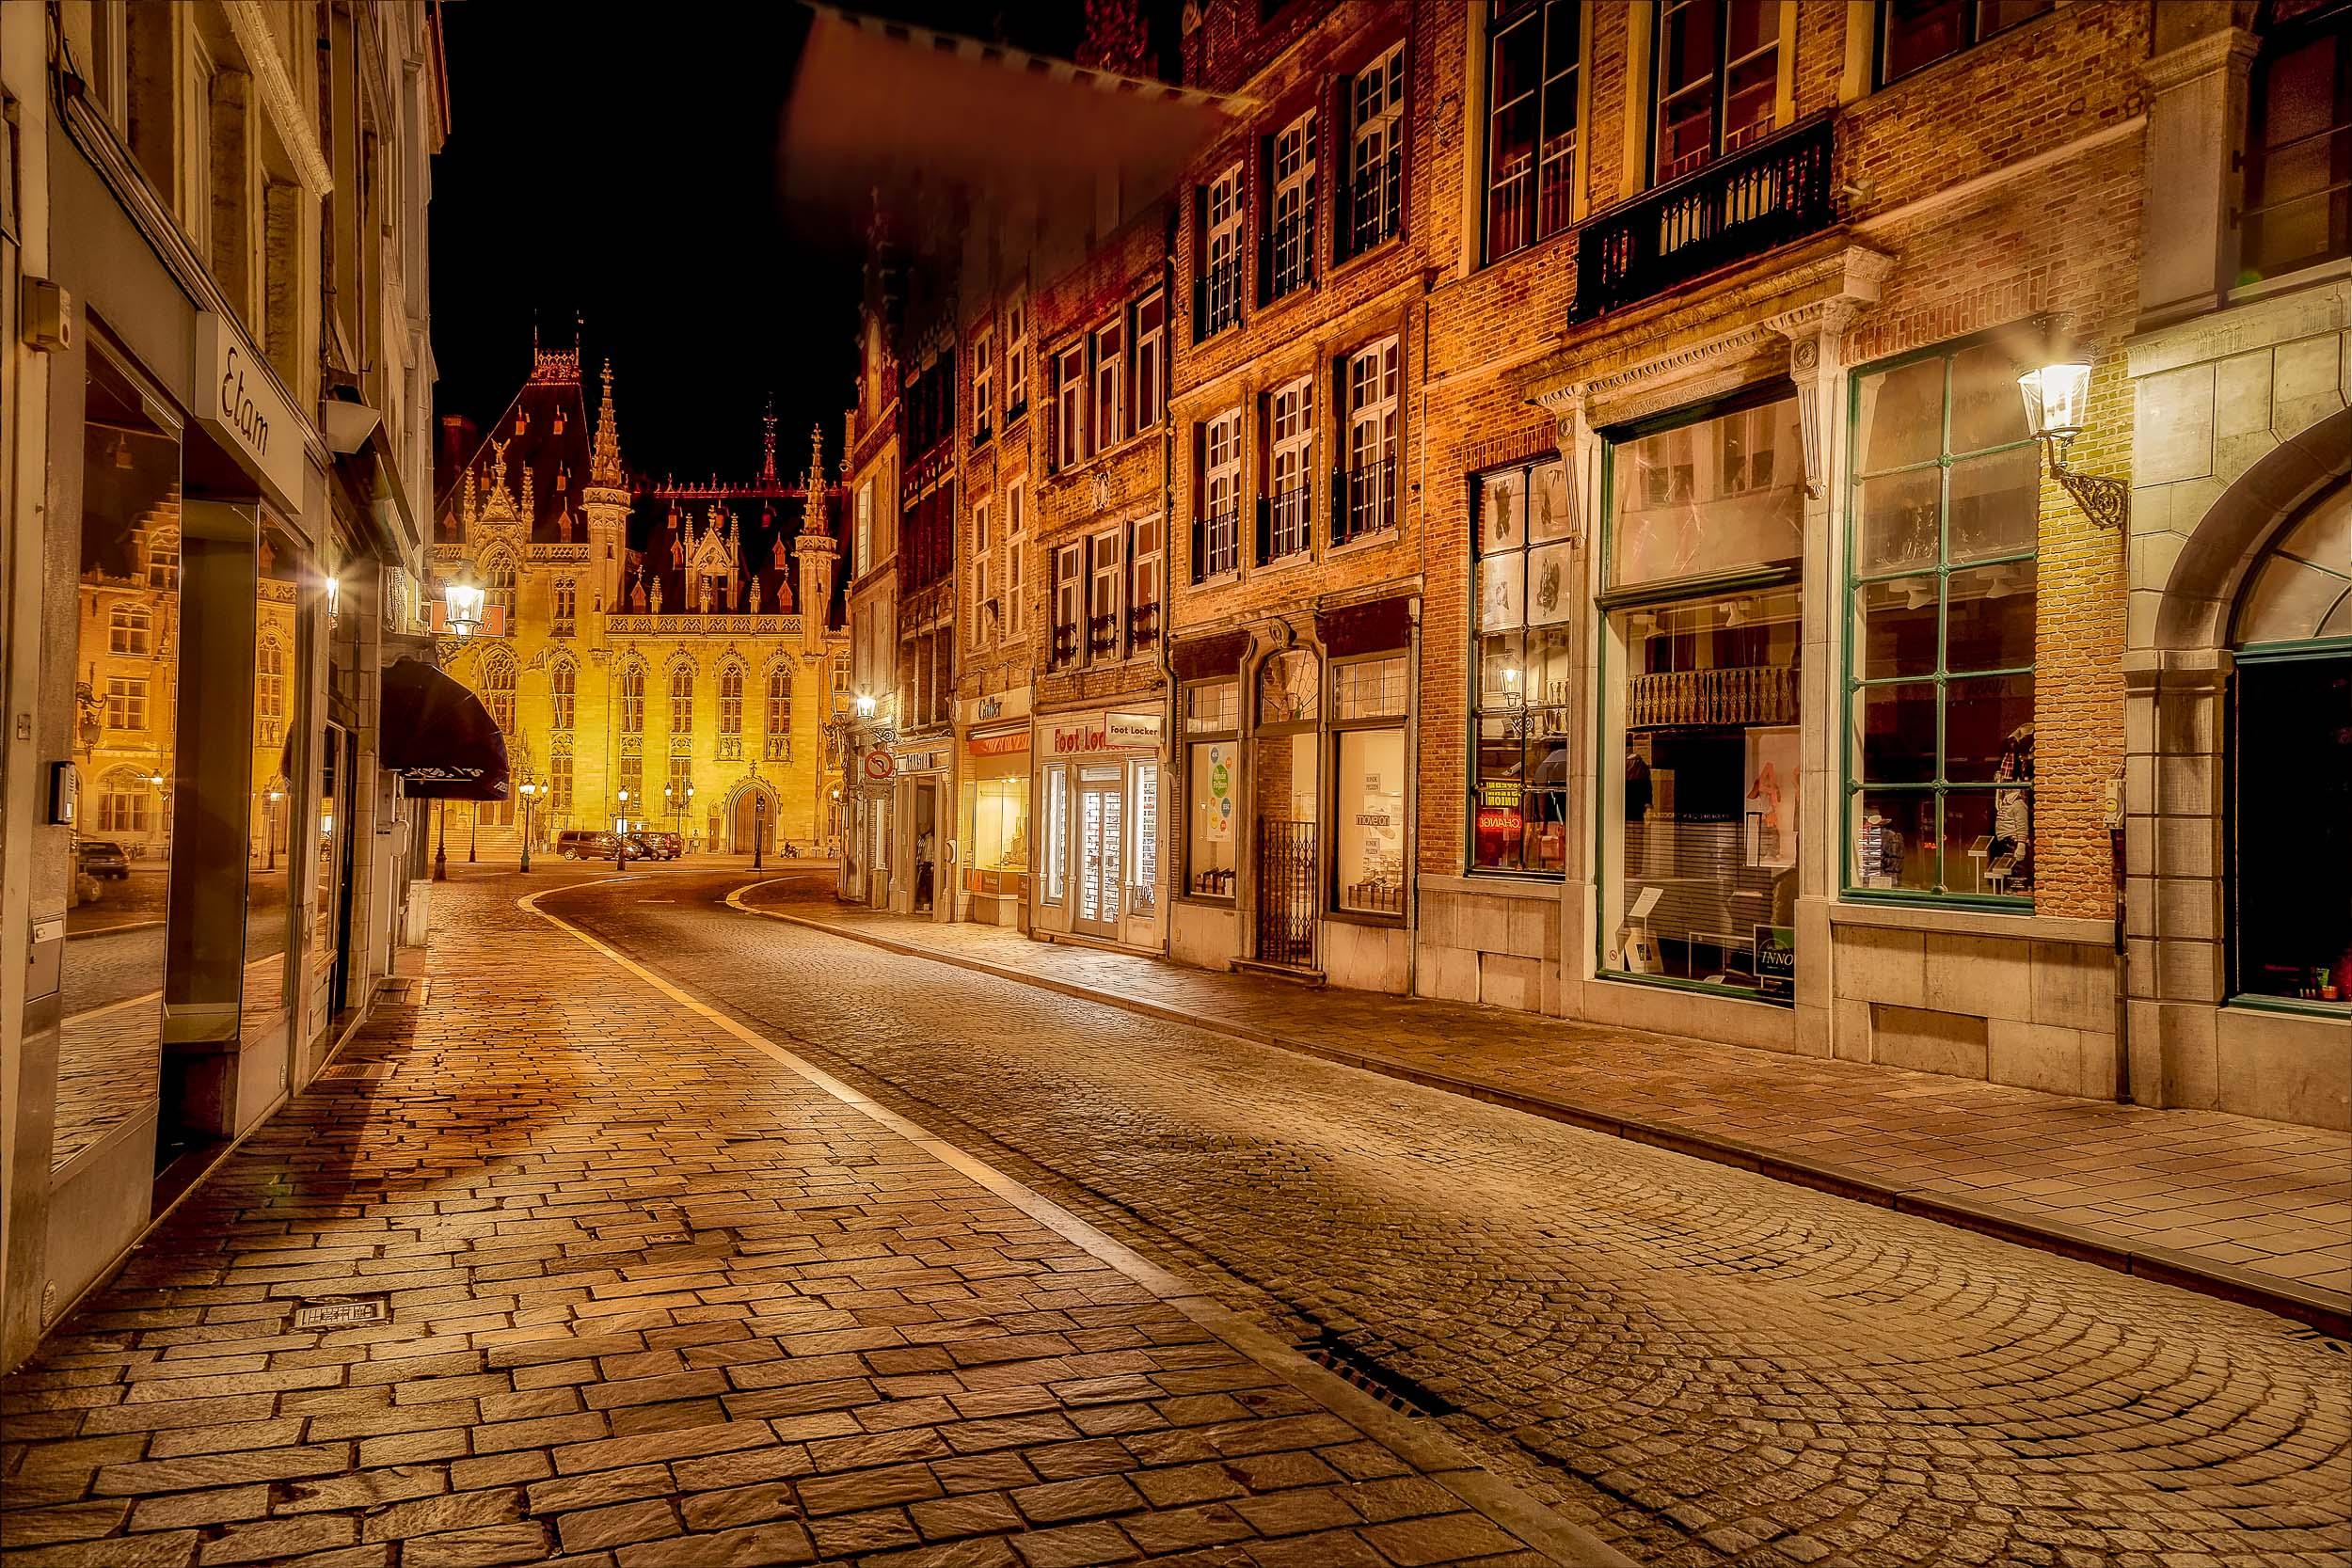 Cobbled street in Bruges (i.e., Brugge), Belgium after a summer rain shower.